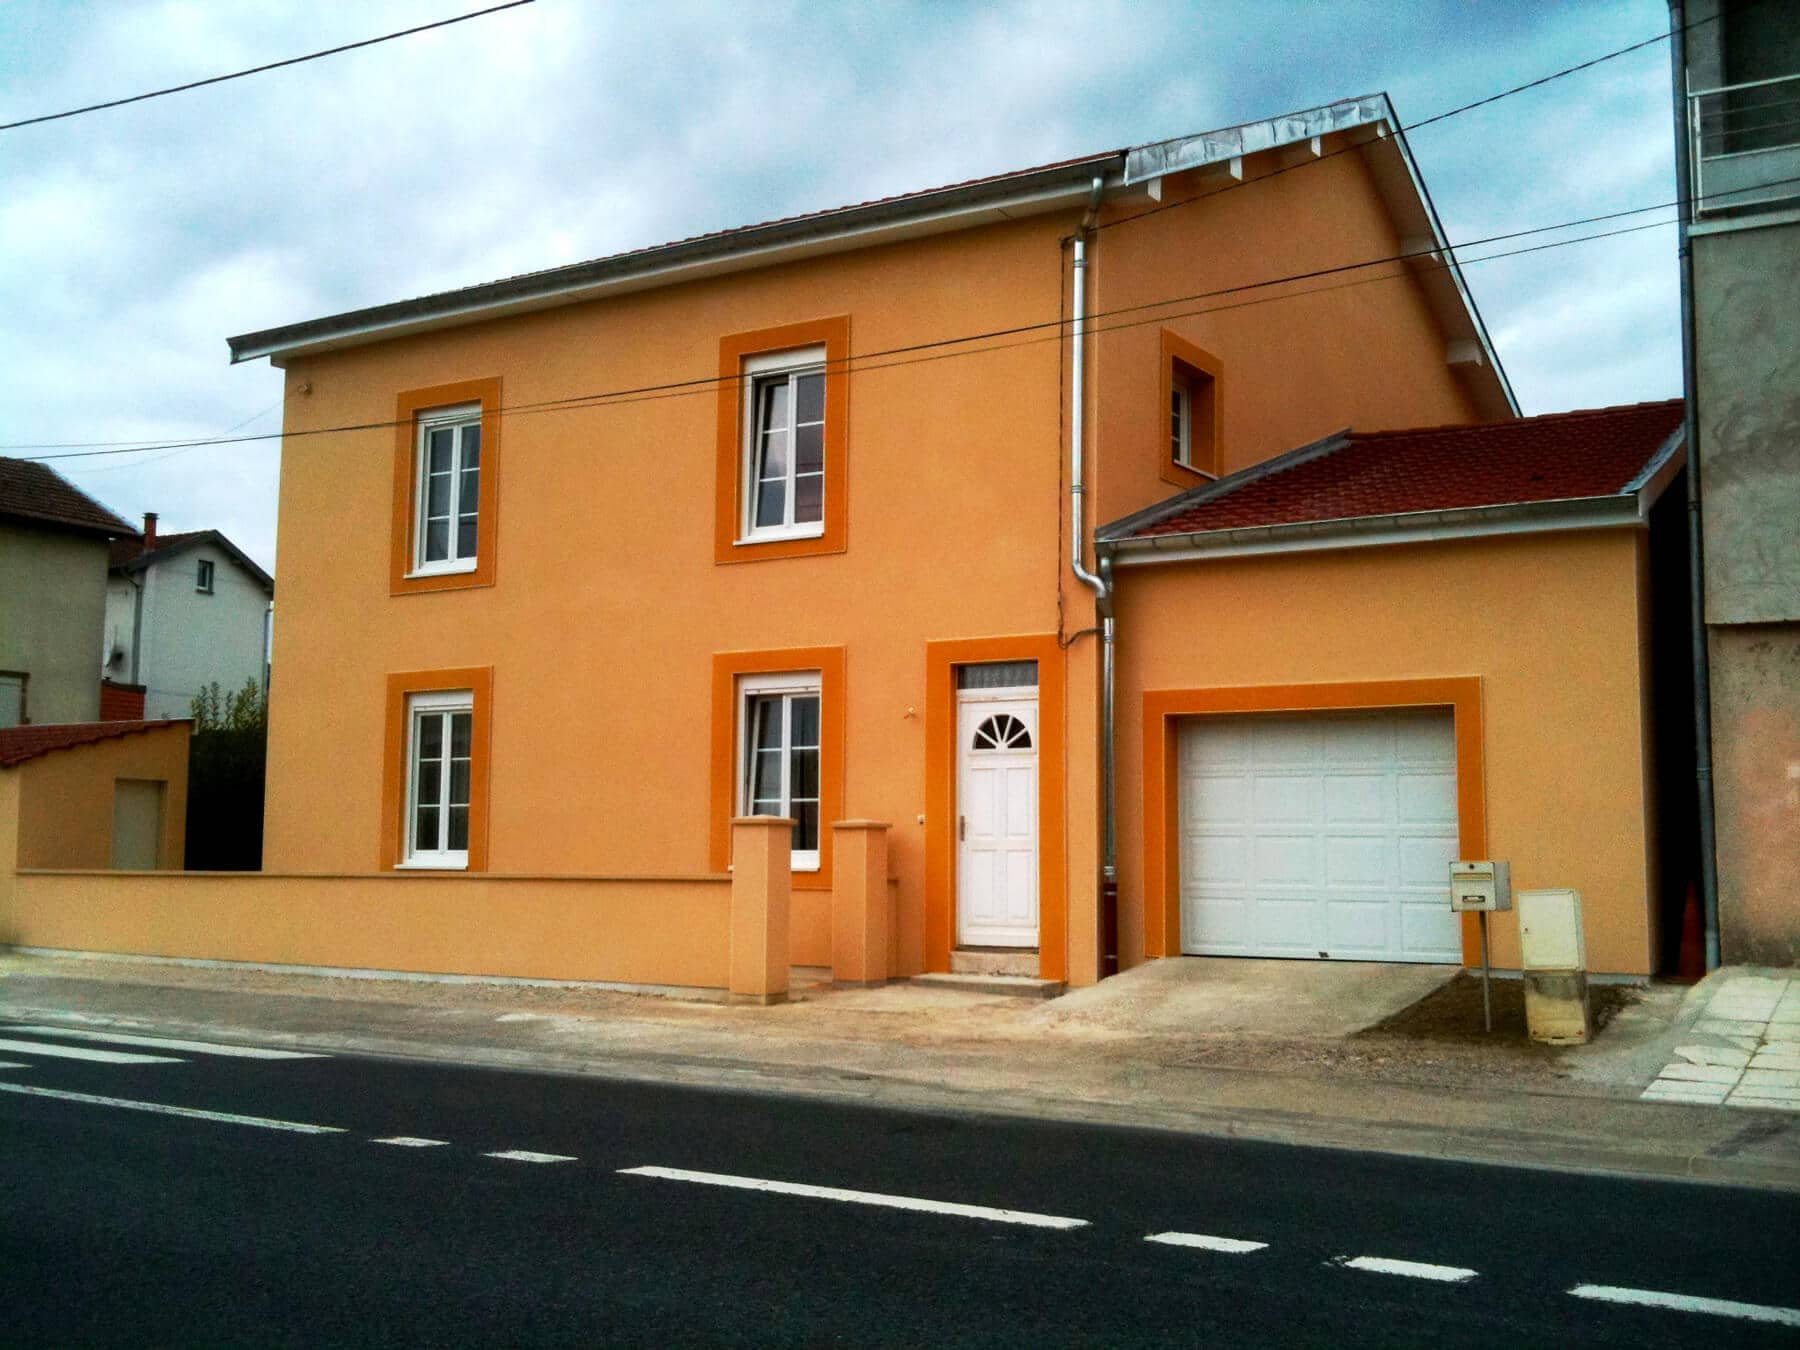 Rénovation façades maison à Bainville-sur-Madon (54 Meurthe-et-Moselle)